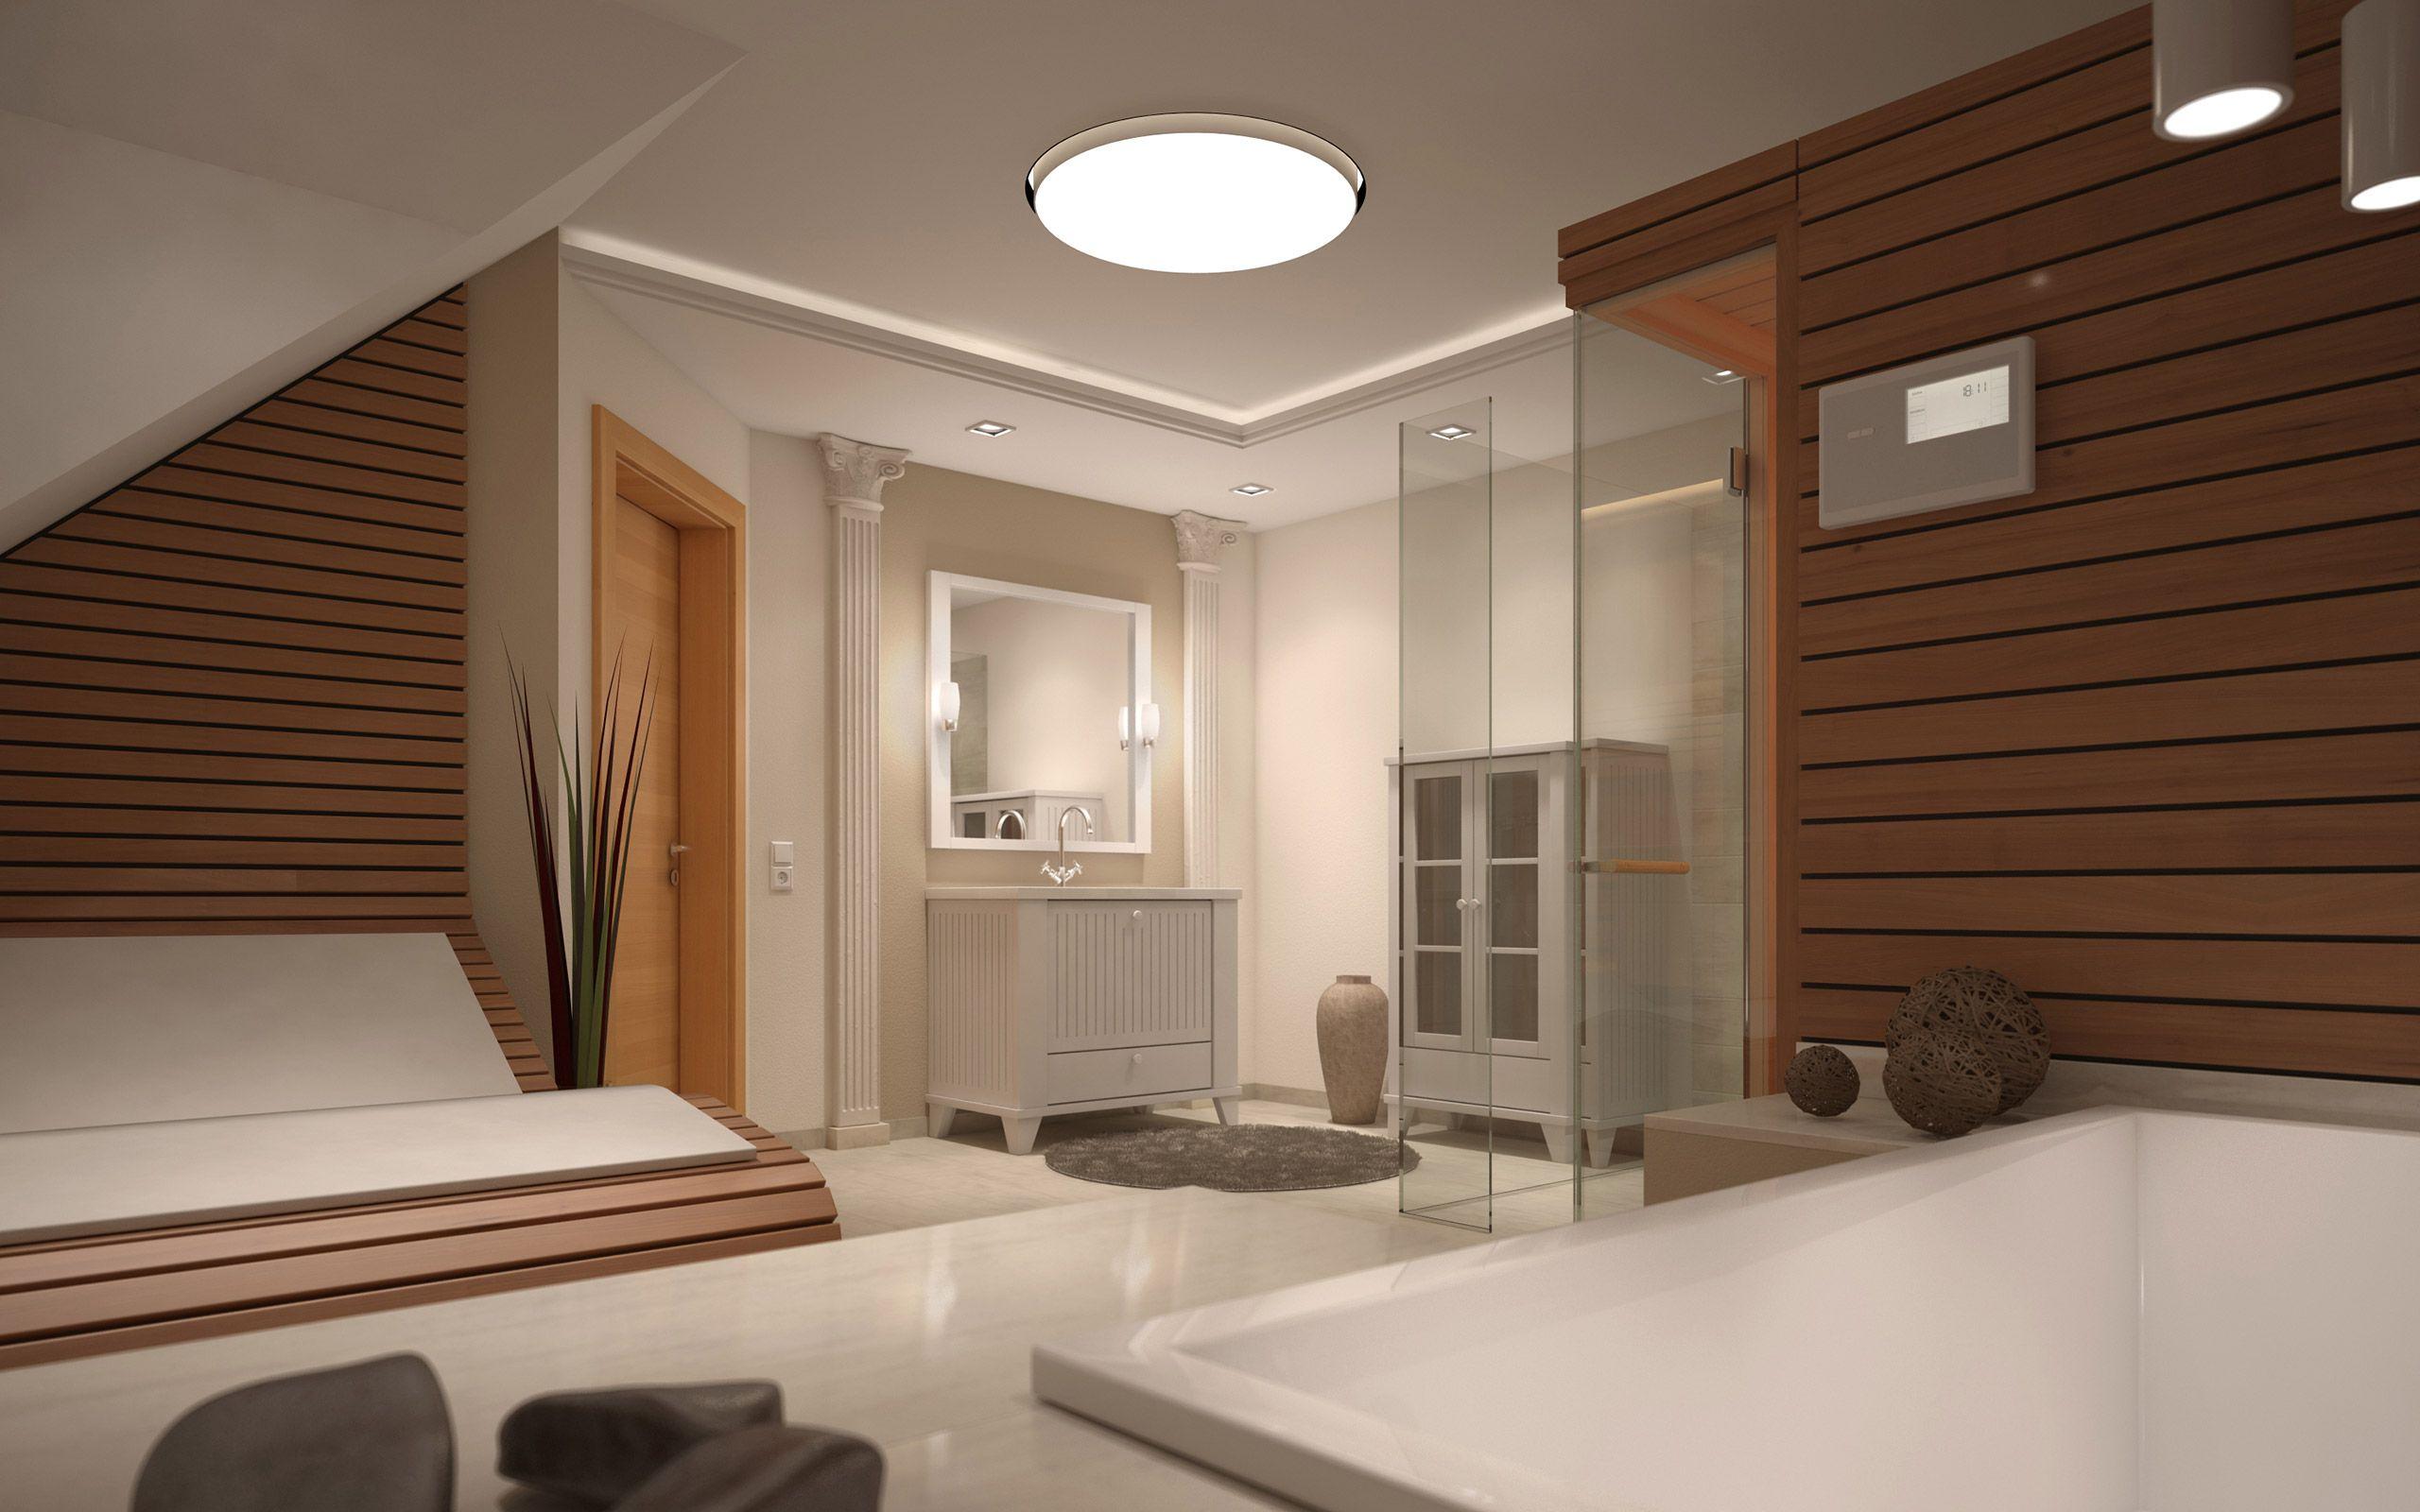 planungsideen | badezimmer & sauna | pinterest | search, spa, Badezimmer